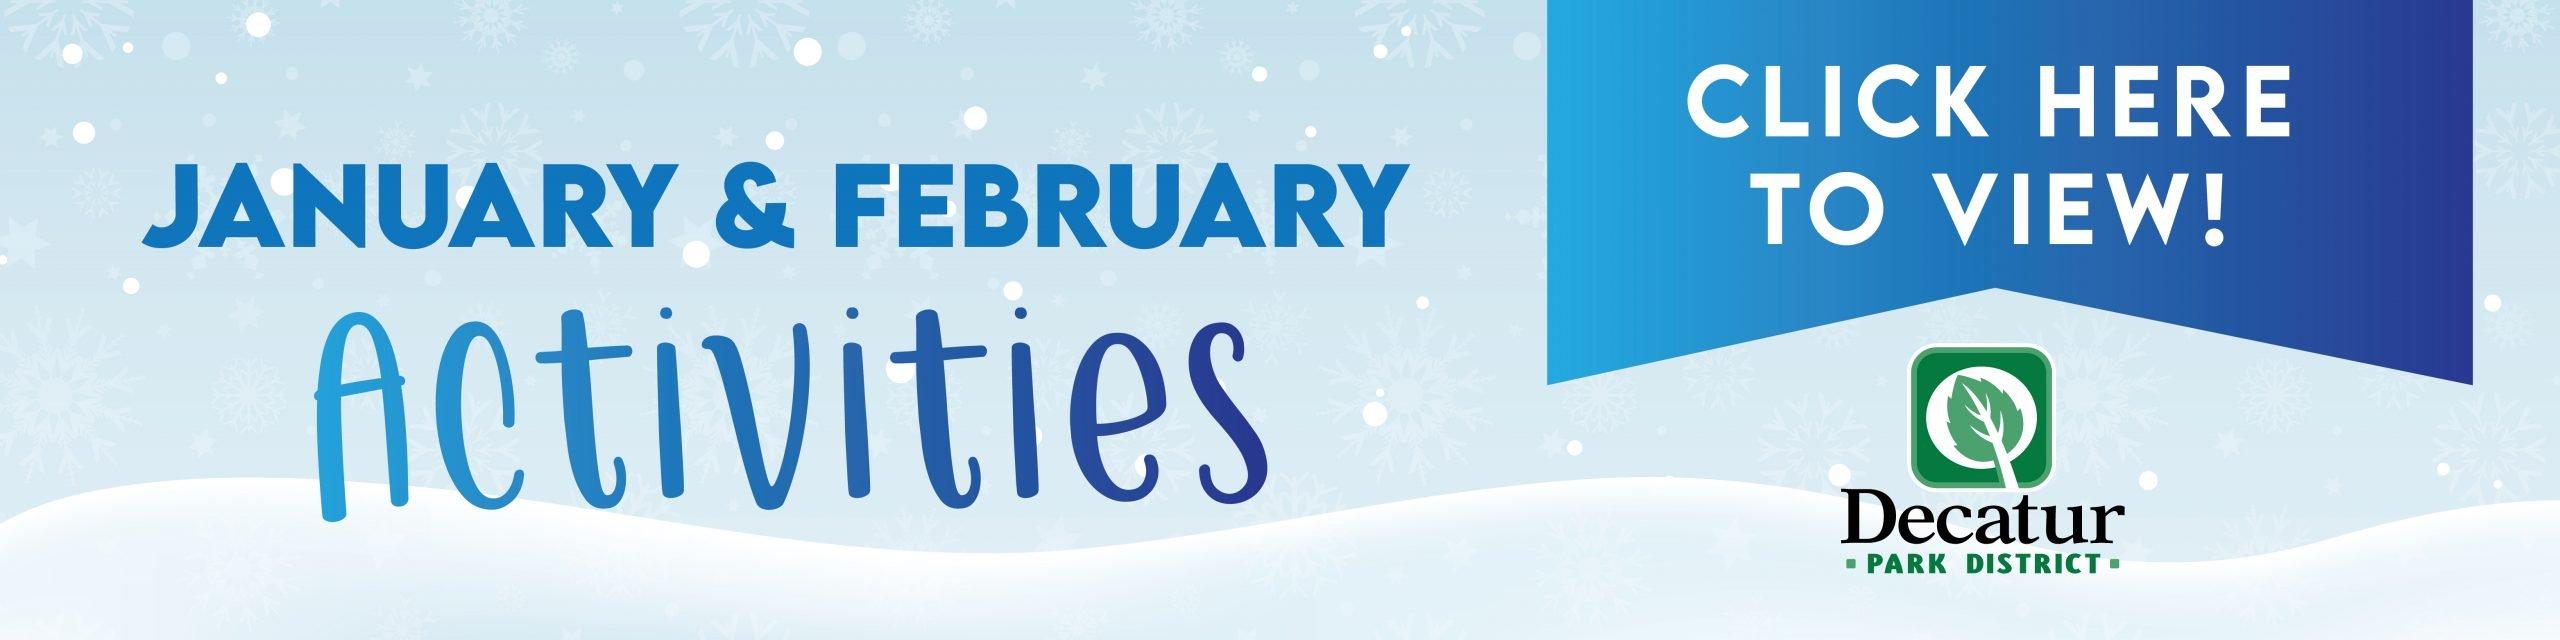 Jan-Feb_Activities-01